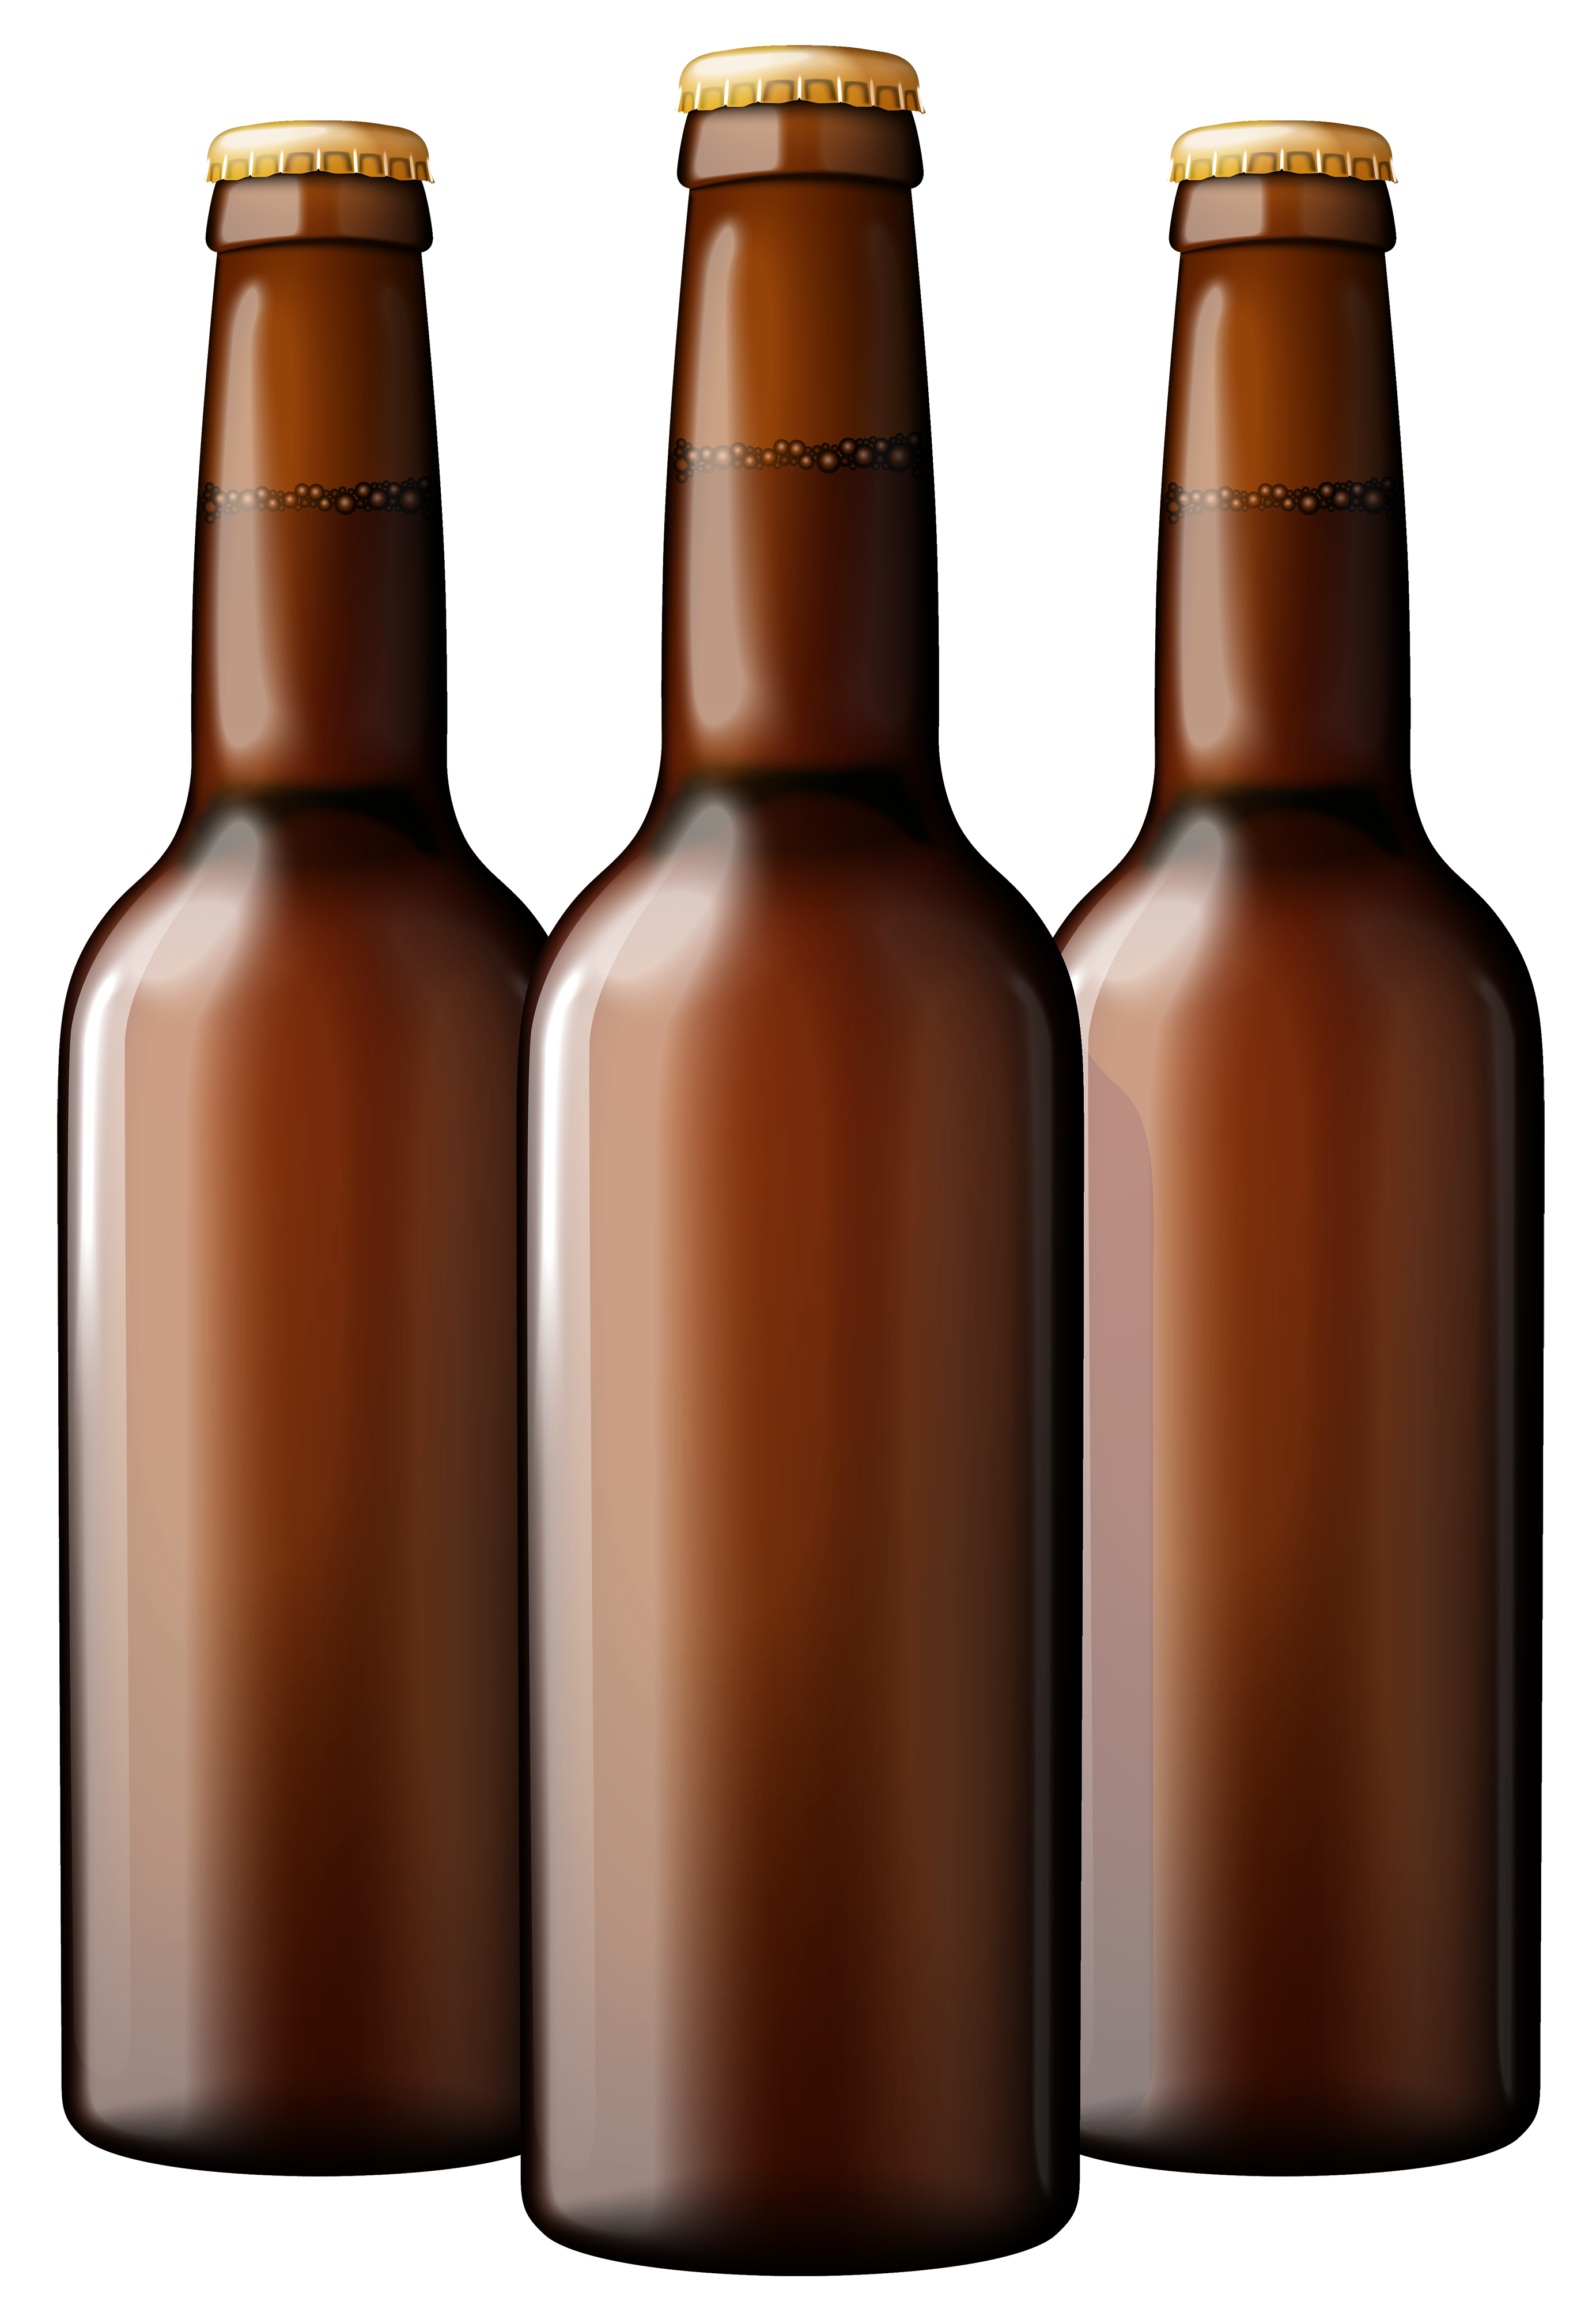 Beer Bottle Clipart & Beer Bottle Clip Art Images.